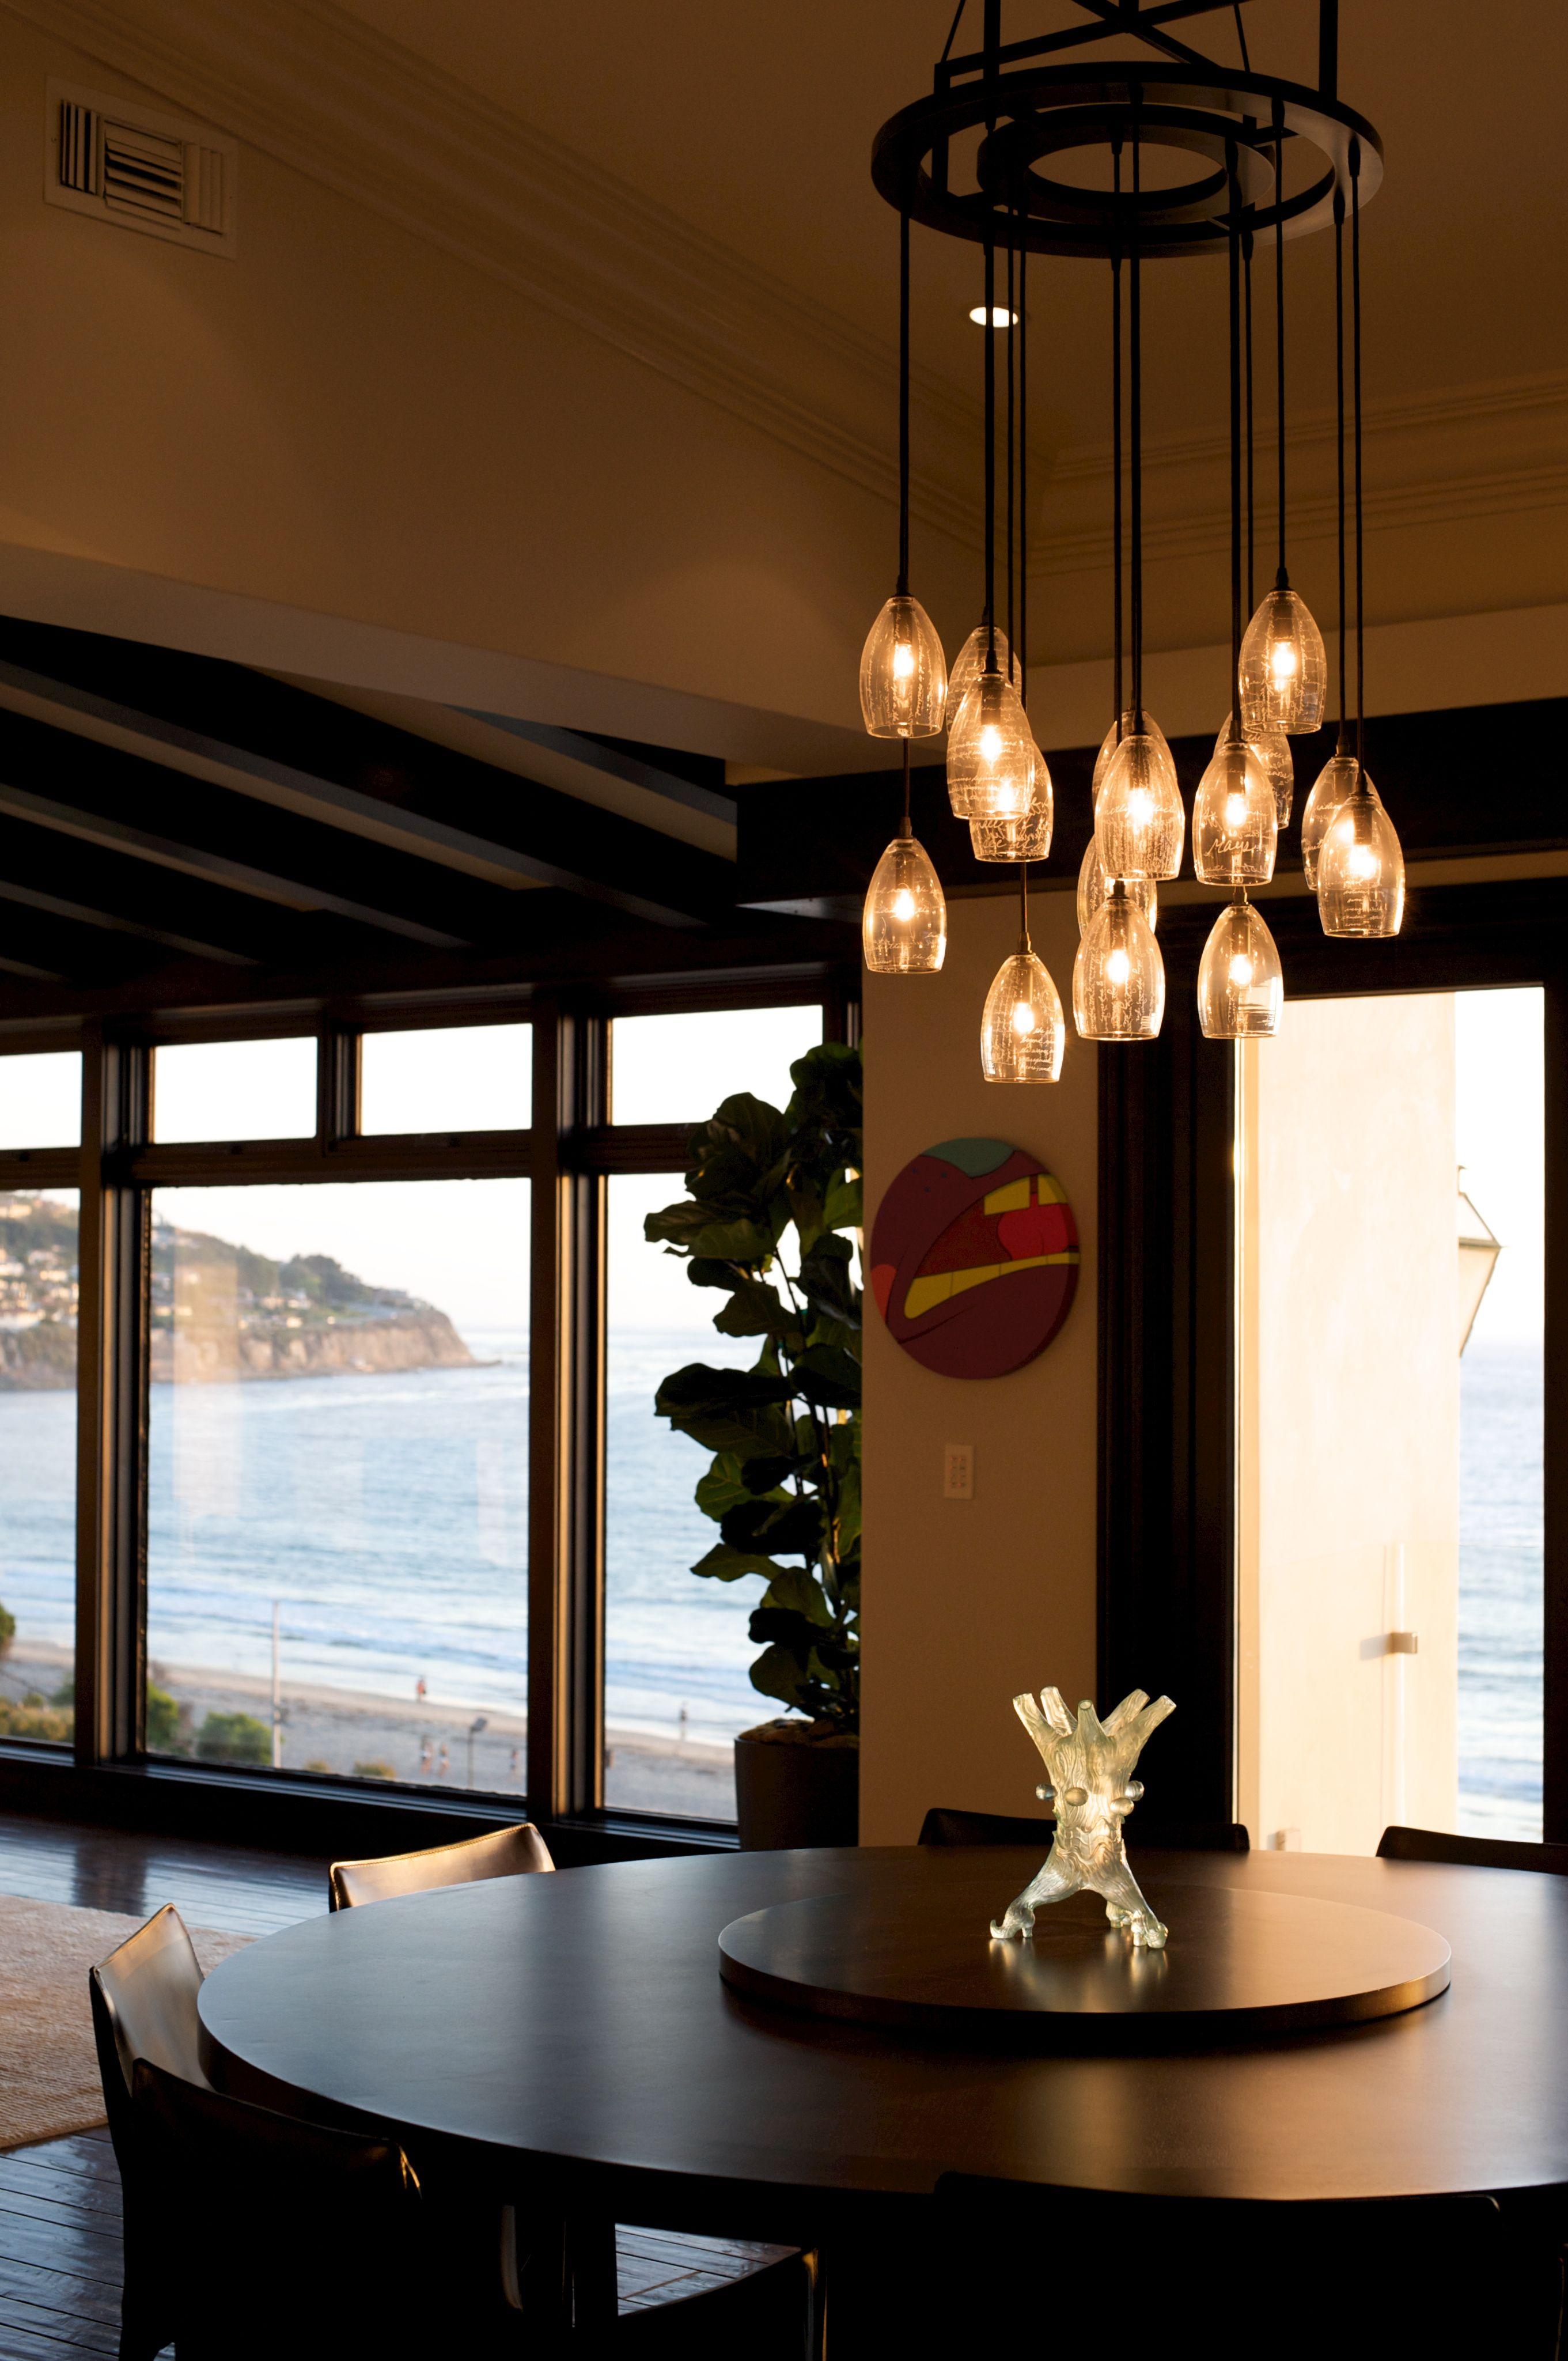 Breakfast Room Light Fixture